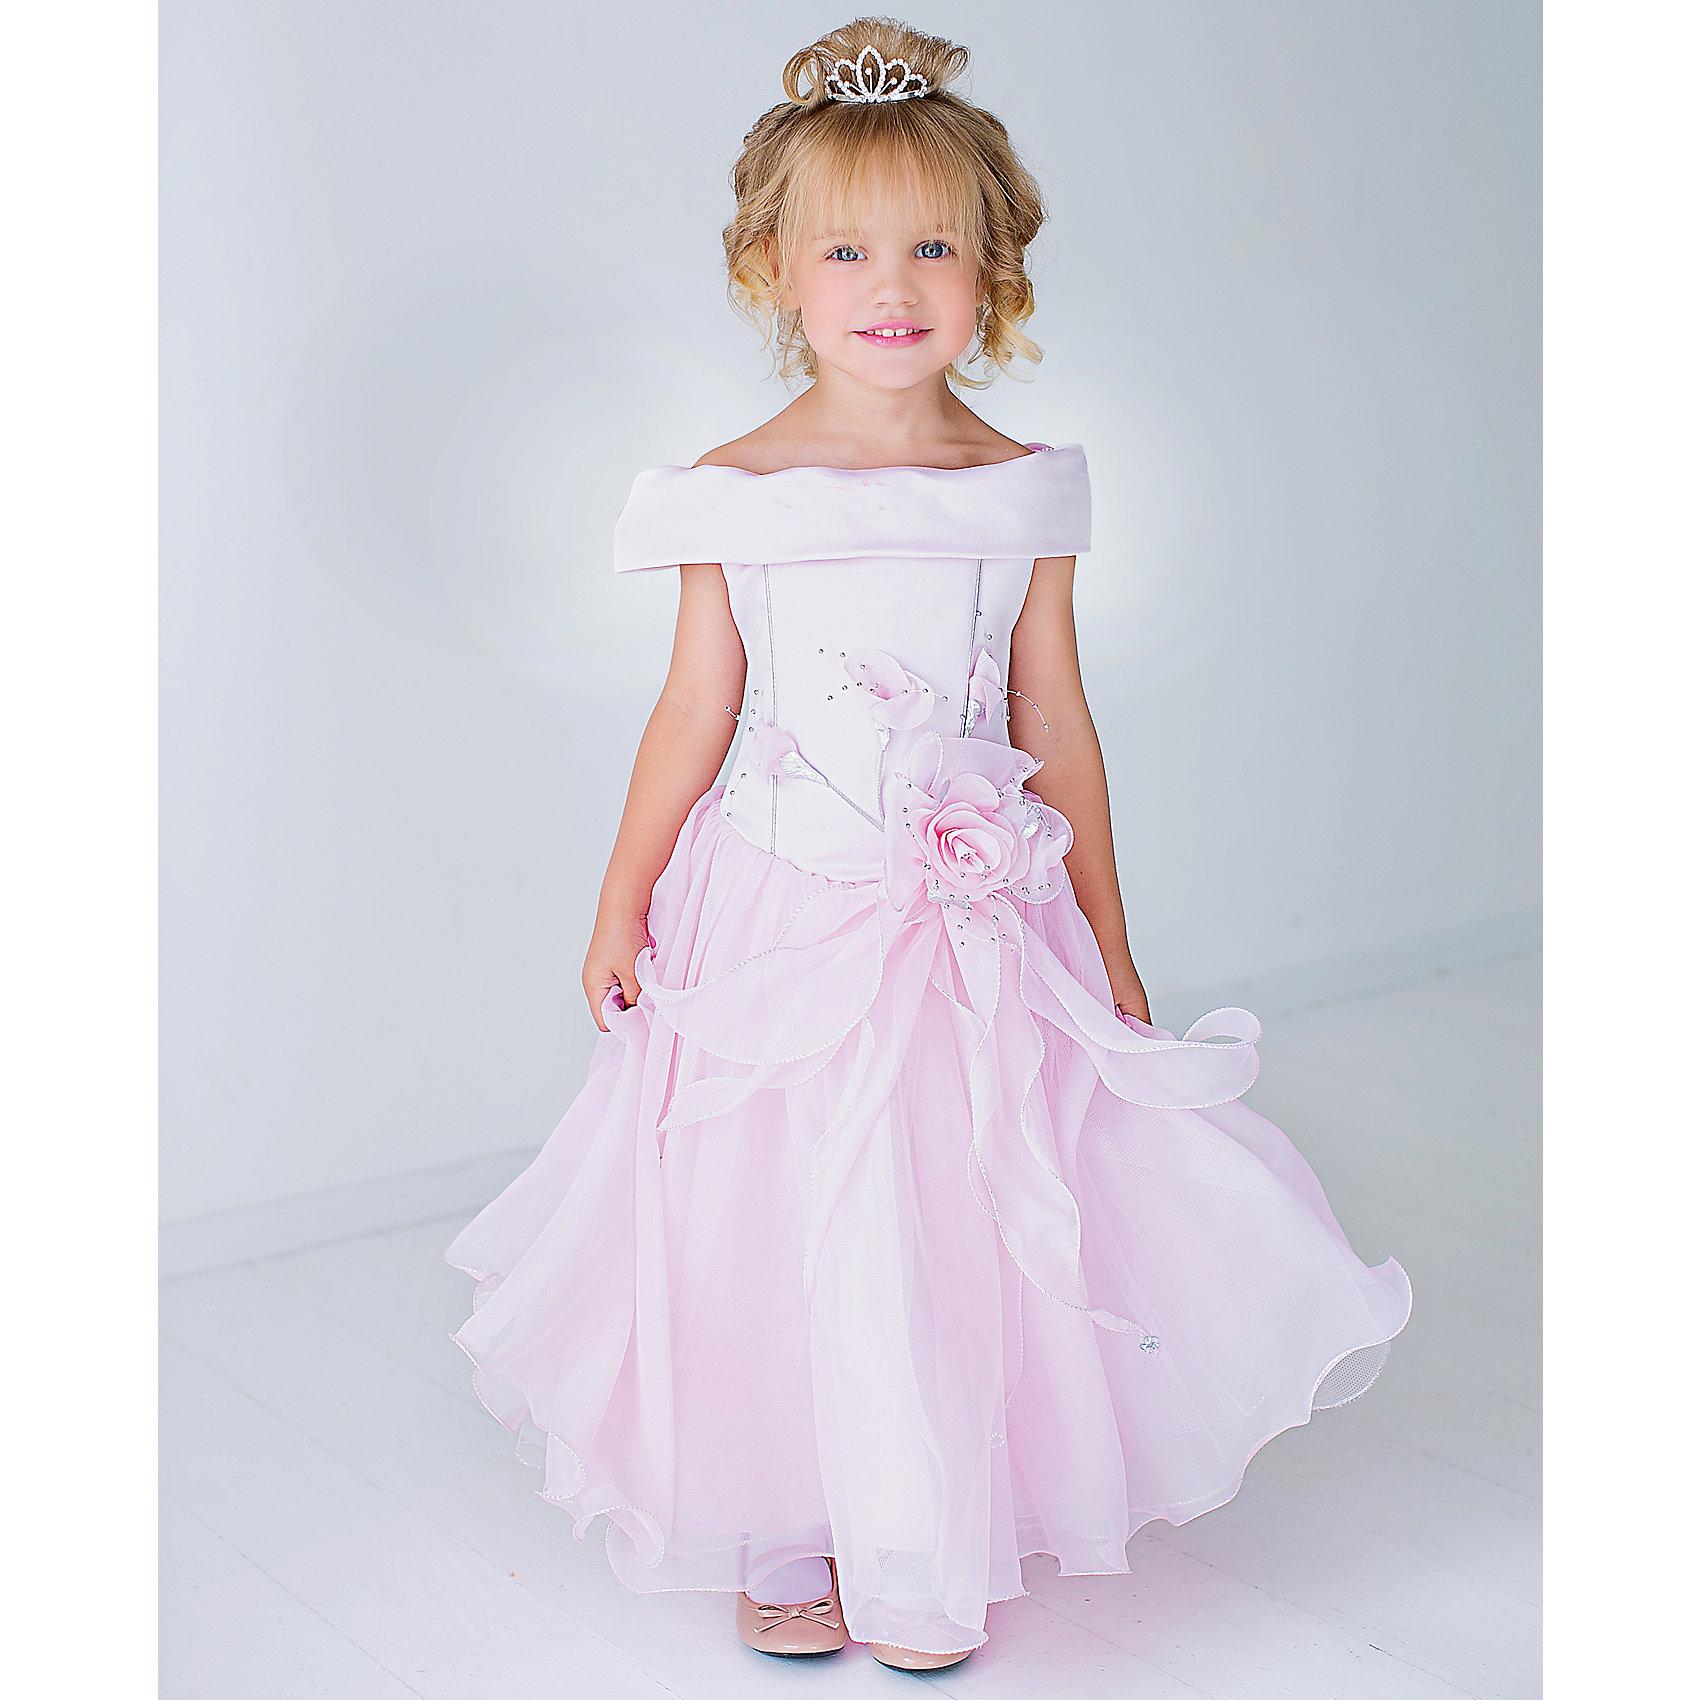 Нарядное платье ШармельНарядное платье для девочки от российской марки Шармель<br><br>Эффектное пышное платье как у принцессы - мечта каждой девочки. Данное платье смотрится очень празднично и воздушно. На любом празднике ребенок в нем будет выглядеть нарядно и торжественно.<br><br>Особенности модели:<br><br>- состав: 100% полиэстер, подкладка: 100% хлопок<br>- материал - с блеском;<br>- цвет - розовый;<br>- подол - многослойный, пышный, с полужестким каркасом из сетки;<br>- без рукавов;<br>- можно утянуть лиф шнуровкой;<br>- сзади застежка-молния;<br>- резинка на прорезях для рукавов;<br>- лиф жесткий, украшен цветами из органзы с серебристой фурнитурой.<br><br>Дополнительная информация:<br><br>Габариты:<br><br>длина по спинке - 71 см.<br><br>* соответствует размеру 104/116<br><br>Нарядное платье для девочки от российской марки Шармель можно купить в нашем магазине.<br><br>Ширина мм: 236<br>Глубина мм: 16<br>Высота мм: 184<br>Вес г: 177<br>Цвет: розовый<br>Возраст от месяцев: 48<br>Возраст до месяцев: 72<br>Пол: Женский<br>Возраст: Детский<br>Размер: 104/116,92/98<br>SKU: 4243372